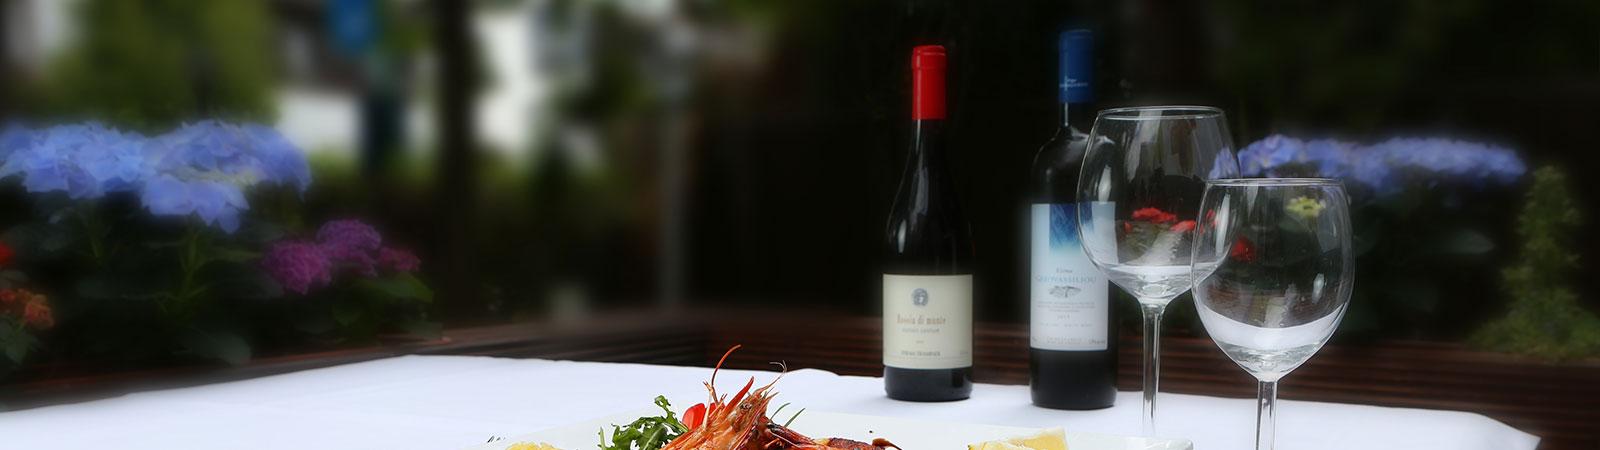 Wein-Restaurant-Ottobrunn-